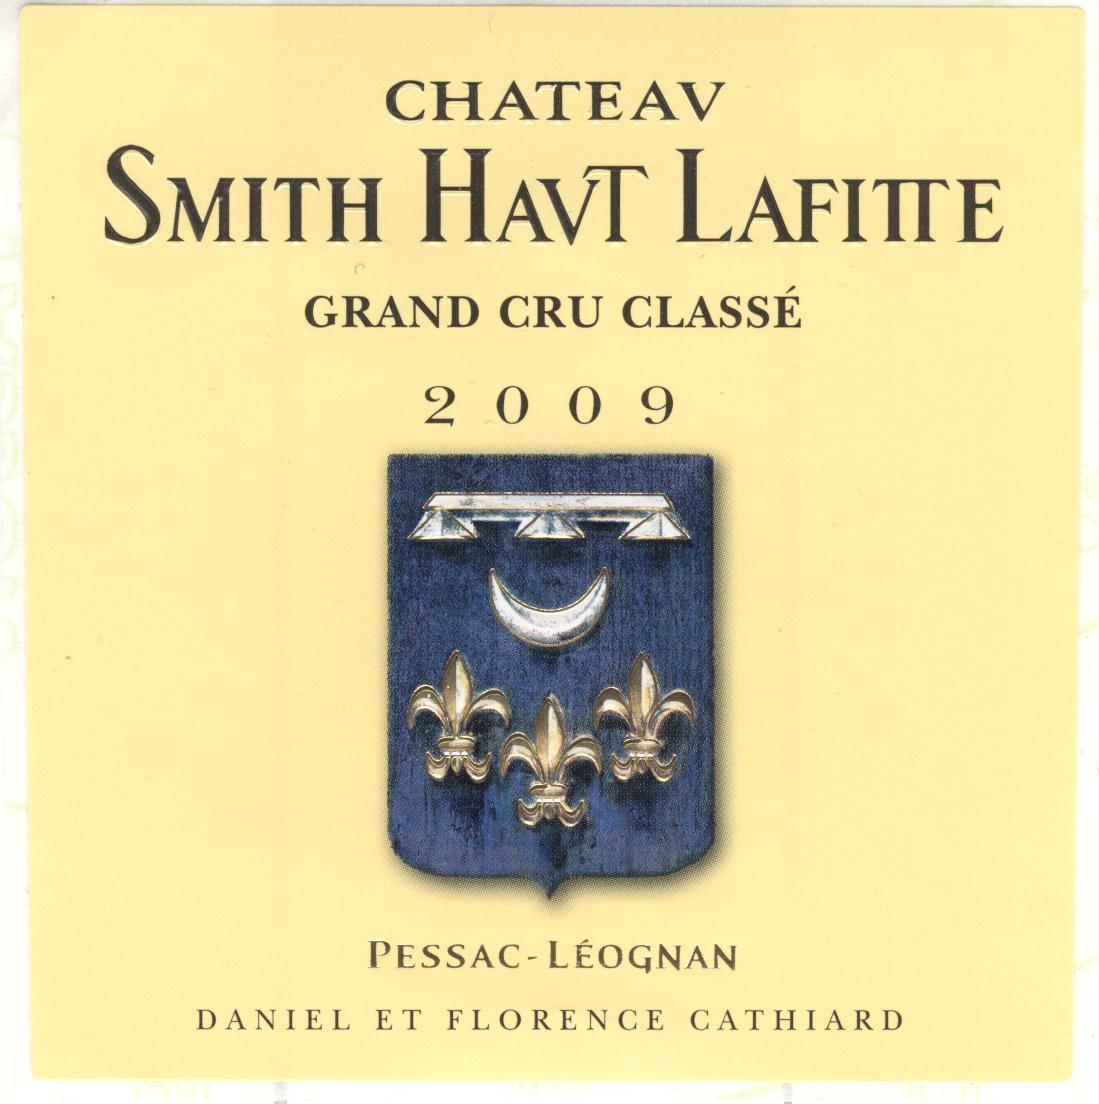 史密斯拉菲特酒庄干红Château Smith-Haut-Lafitte Pessac-Léognan